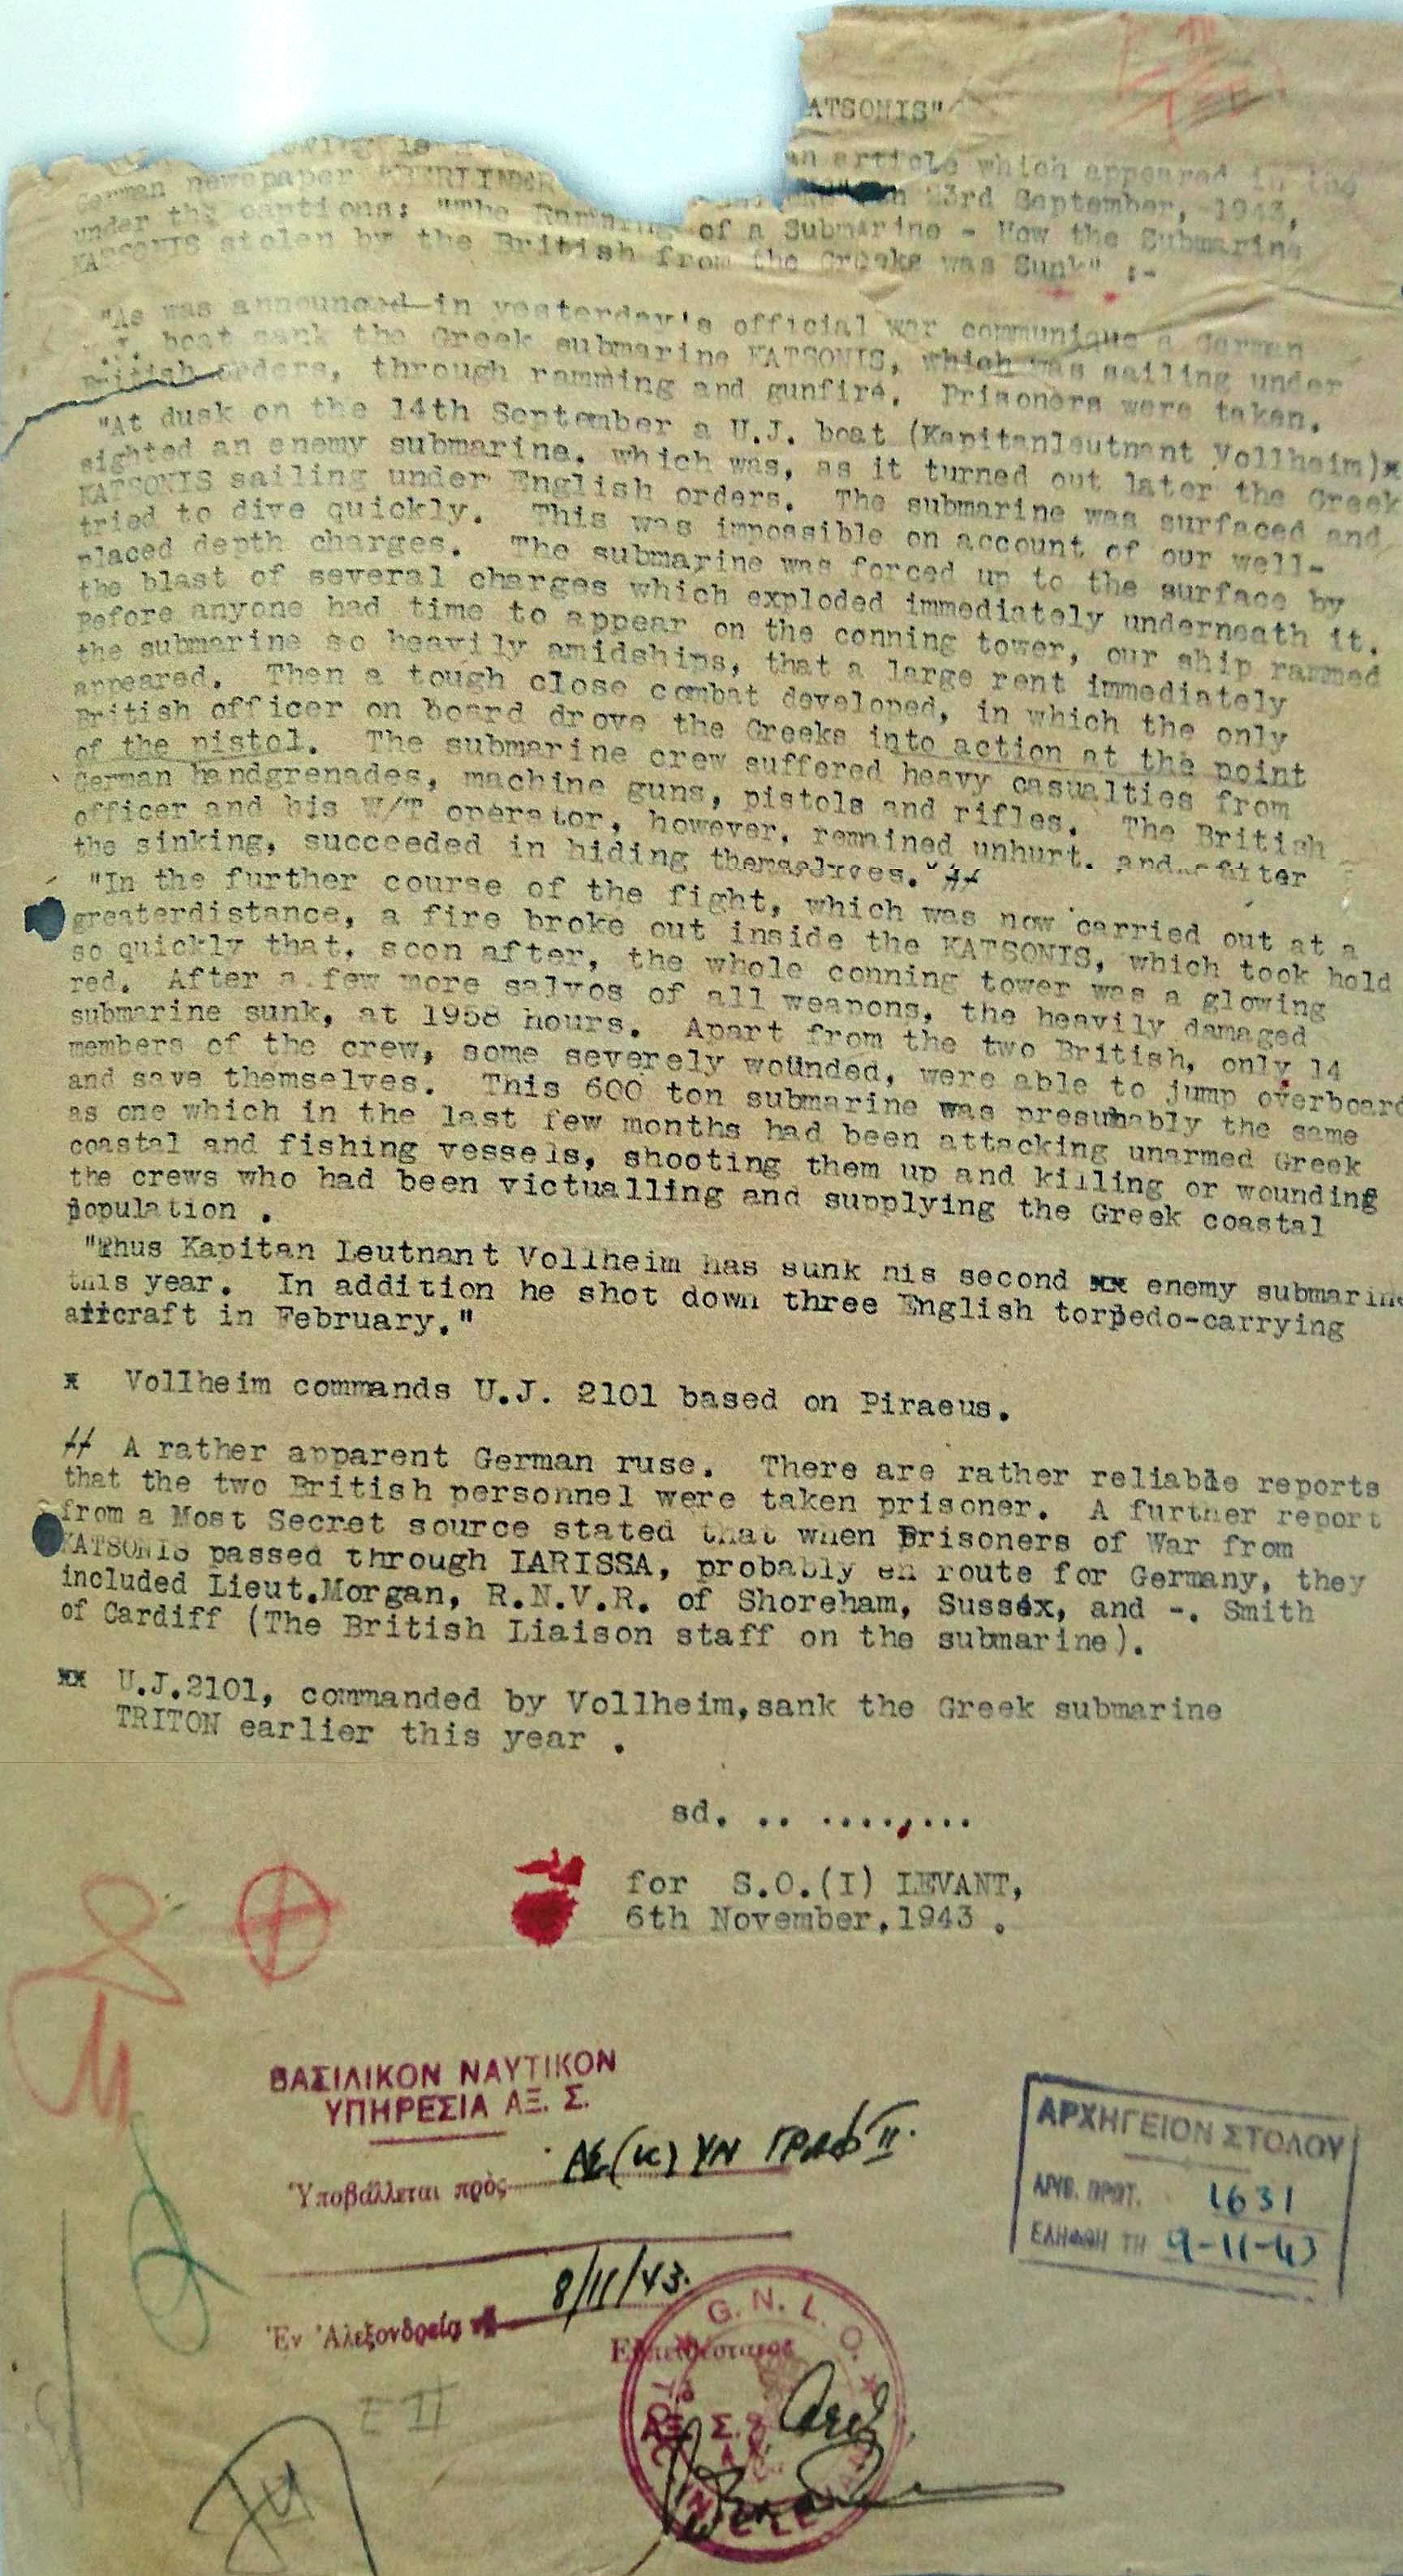 Φωτό 04 - Αναφορά Υποπλοιάρχου, H.J.C. Horgan, Σώμα Εθελοντών Βρετανικού Βασιλικού Ναυτικού